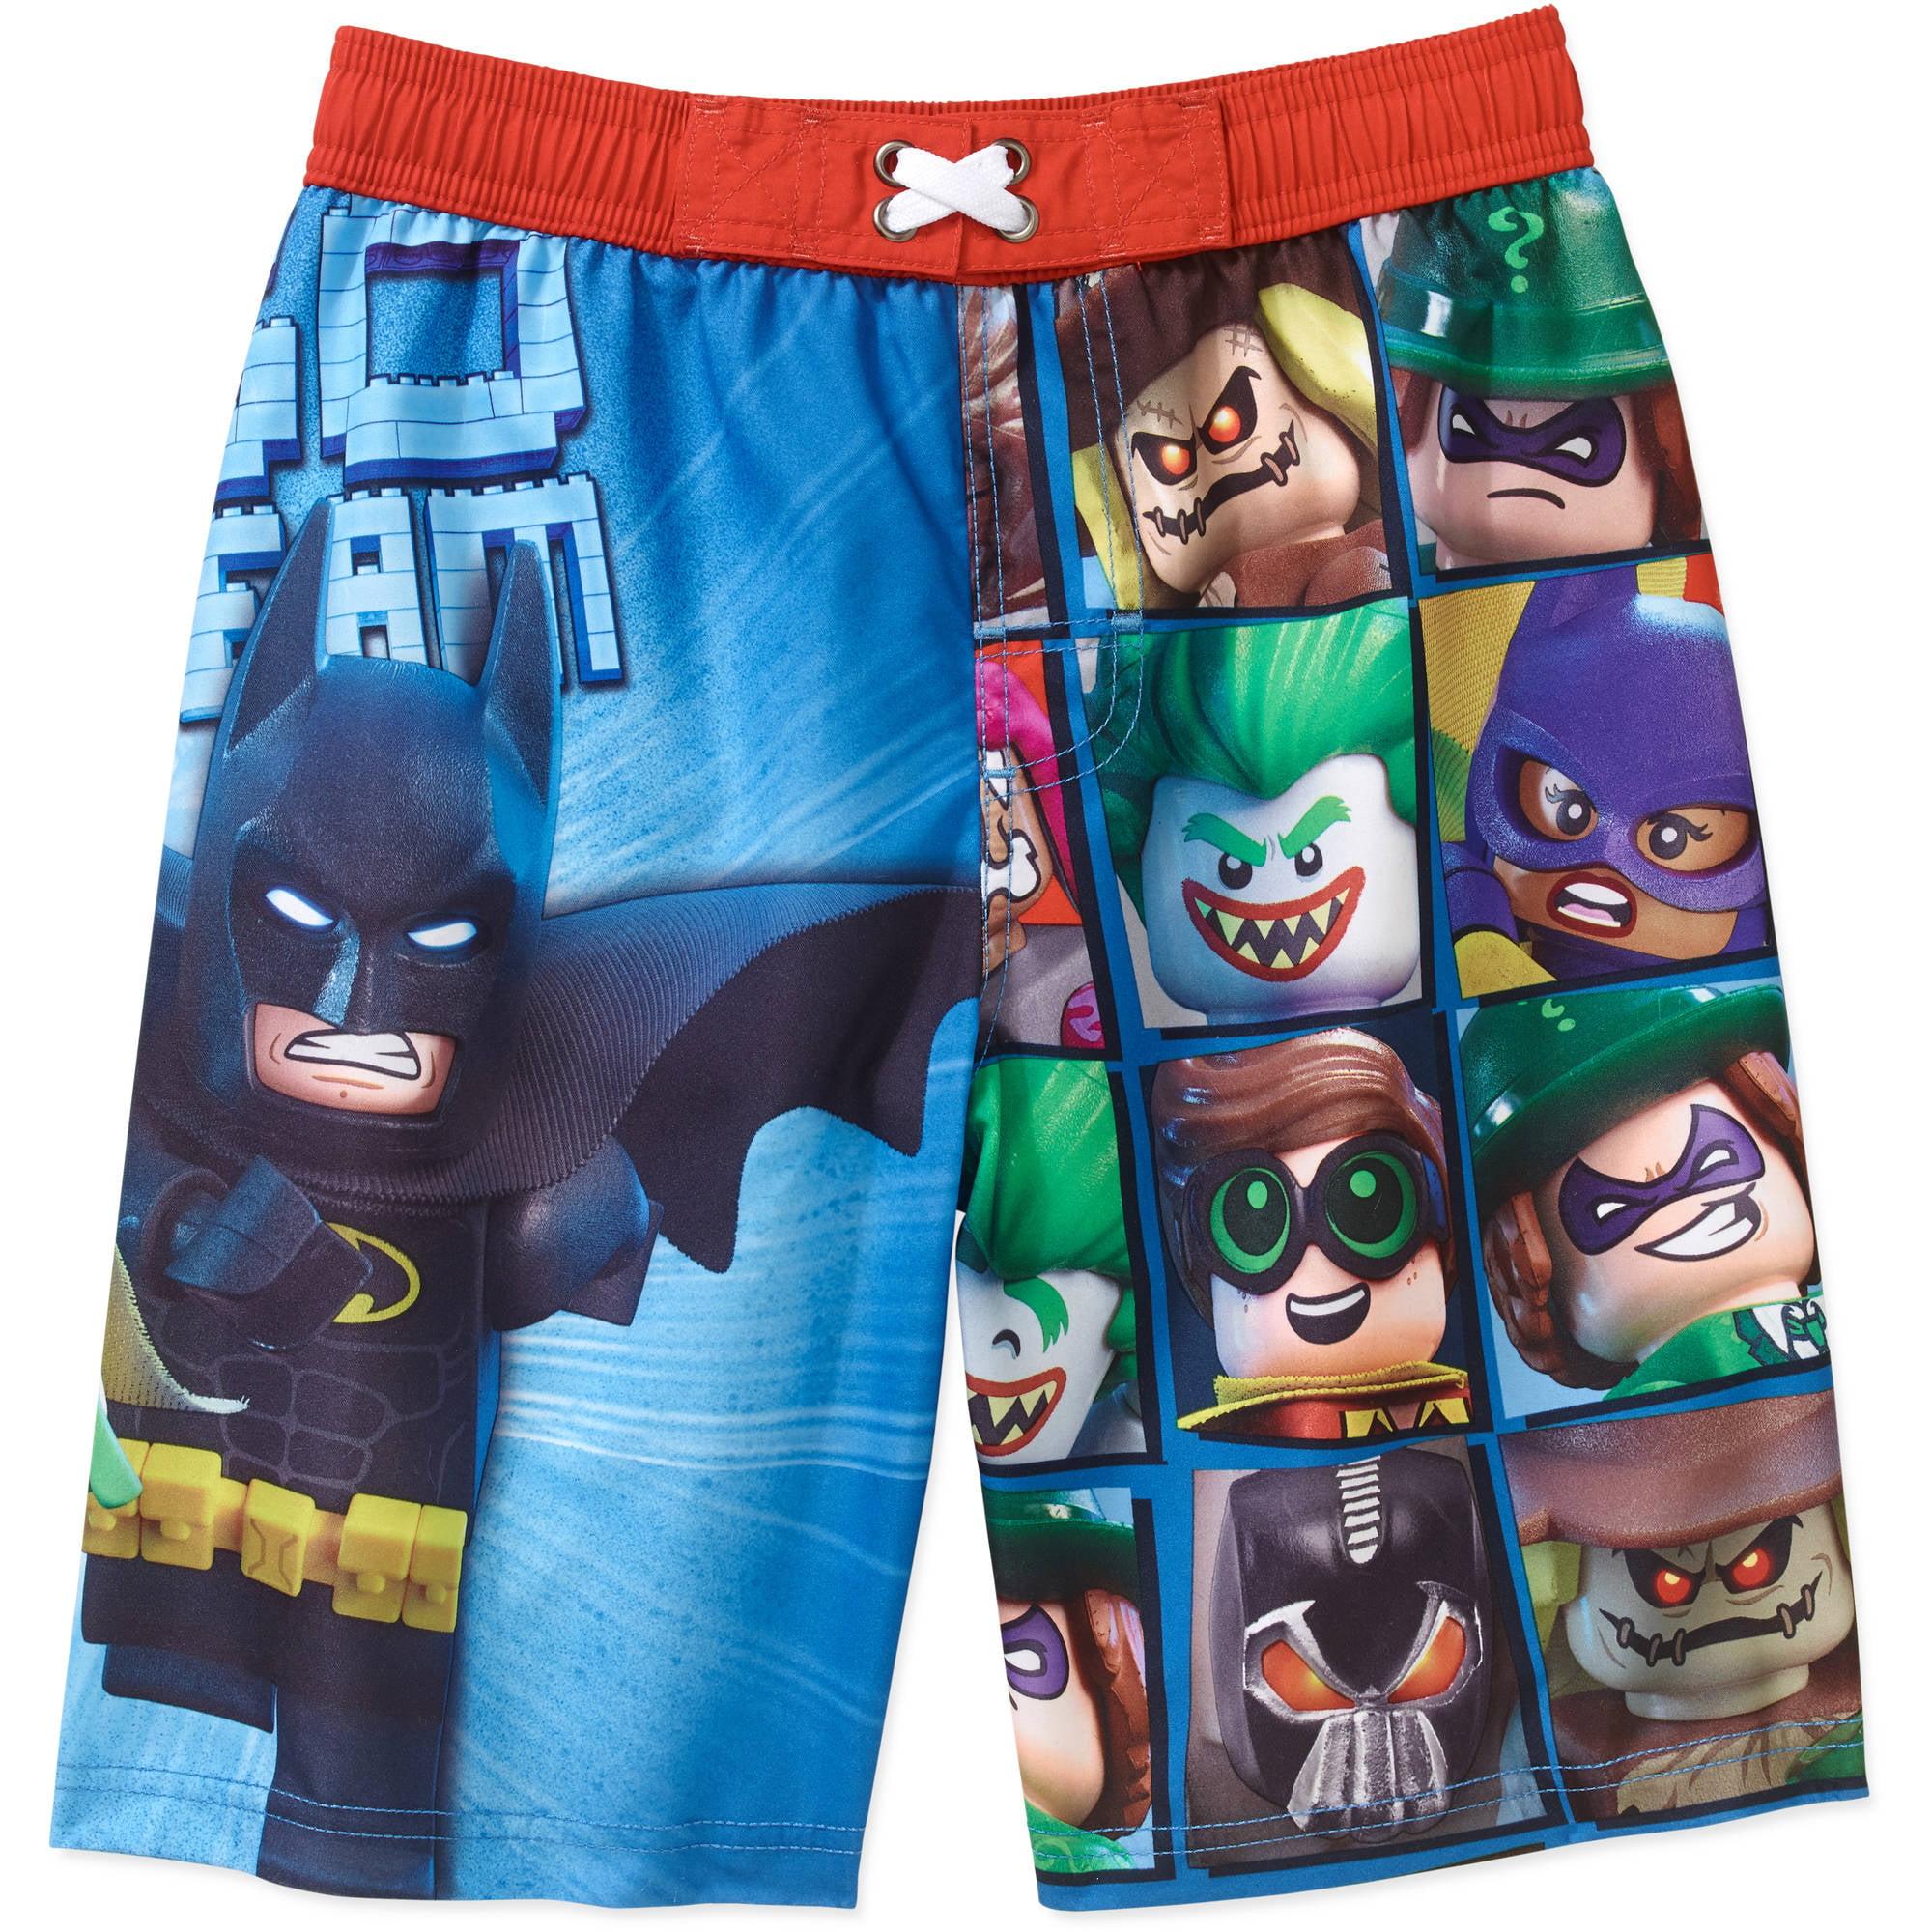 a04fef33419cd LEGO - Batman Boys' Swim Shorts - Walmart.com